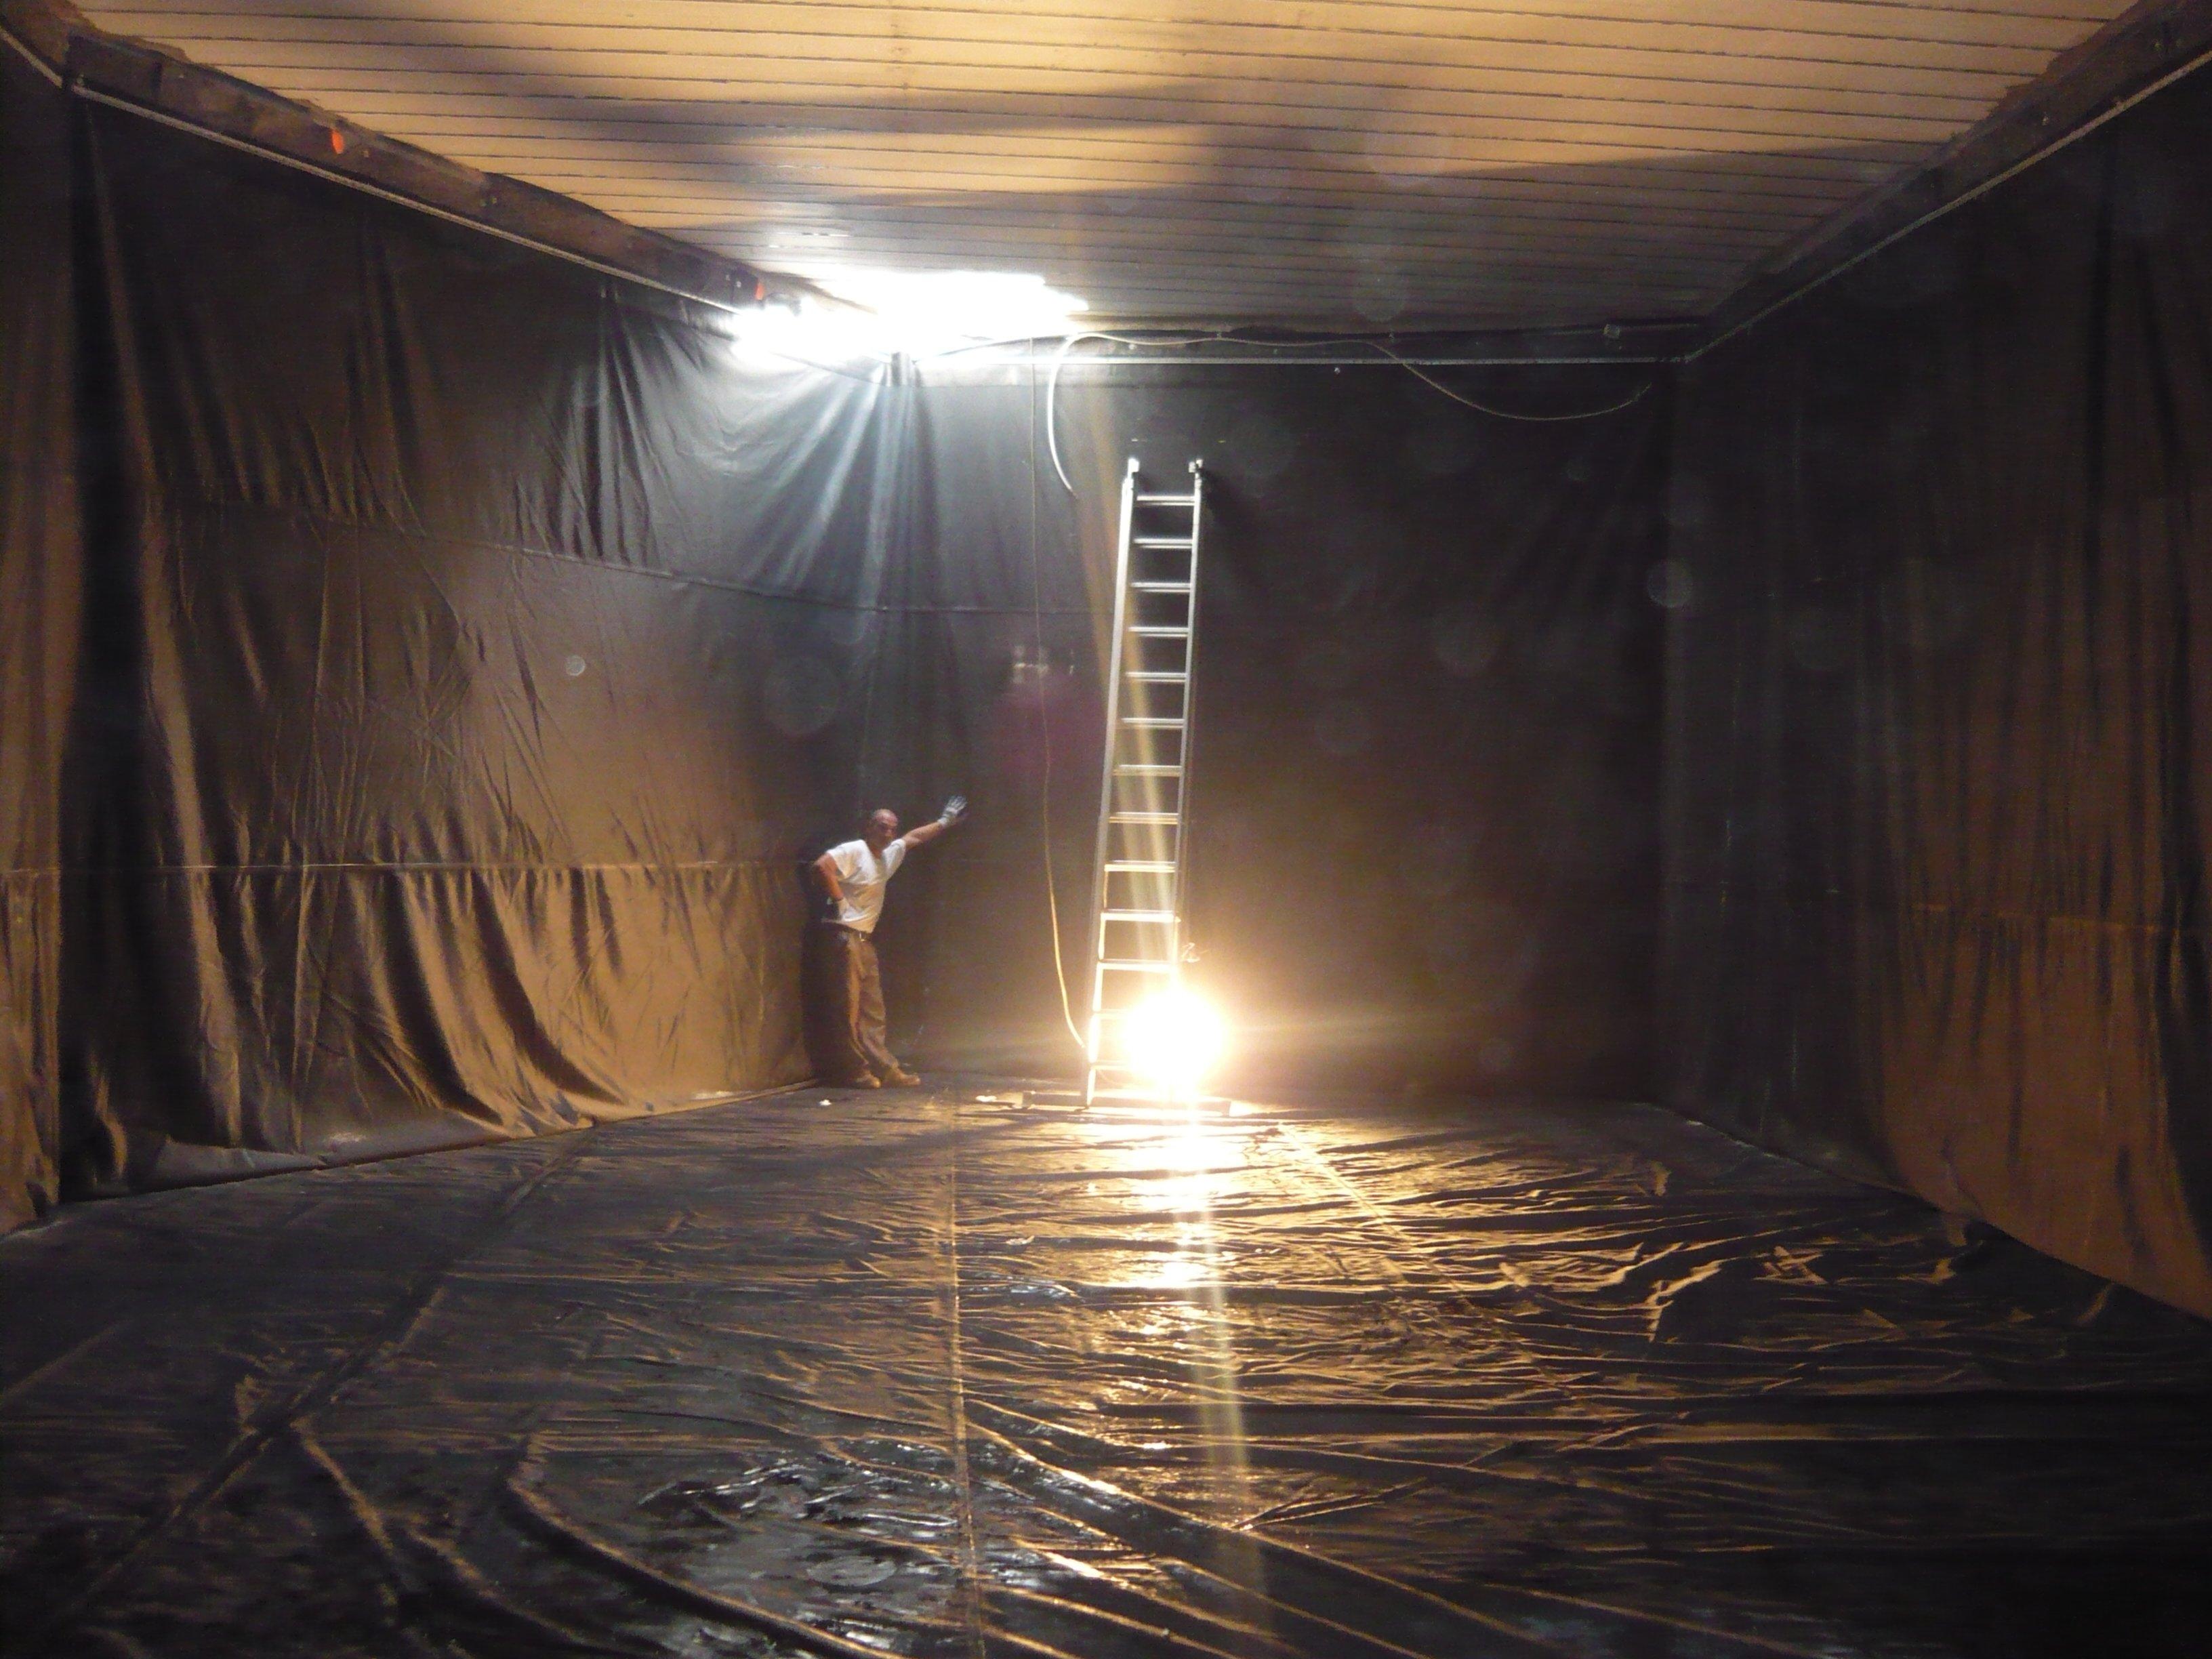 grossa stanza con teli neri sulle pareti